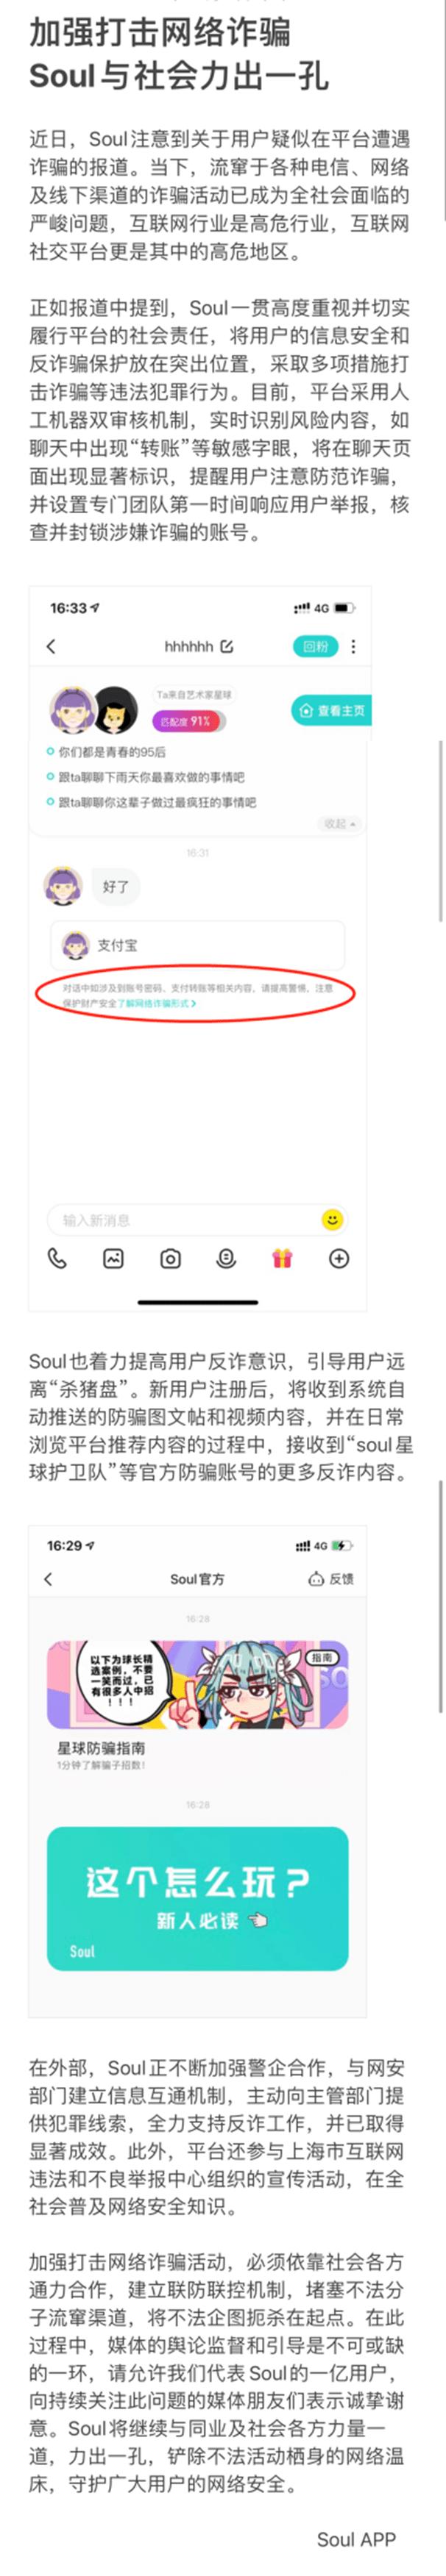 Soul回应:已采取多种措施打击网络诈骗